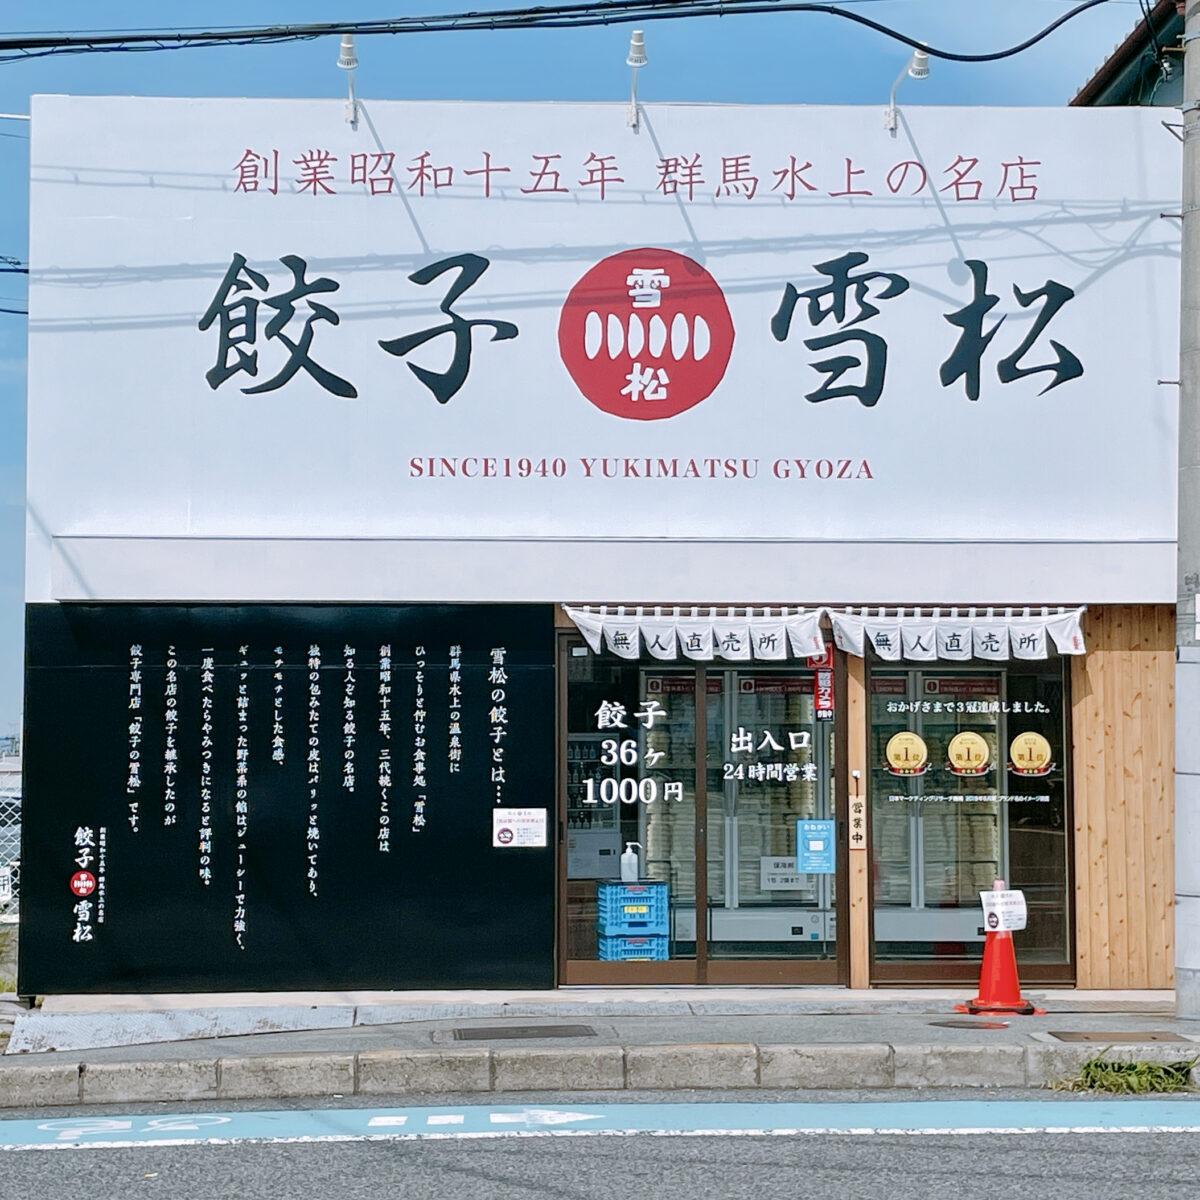 【祝オープン】堺市南区・24時間いつでも食べたい時に買いに行けちゃう『餃子の雪松 堺深坂南店』がオープンしましたよ: